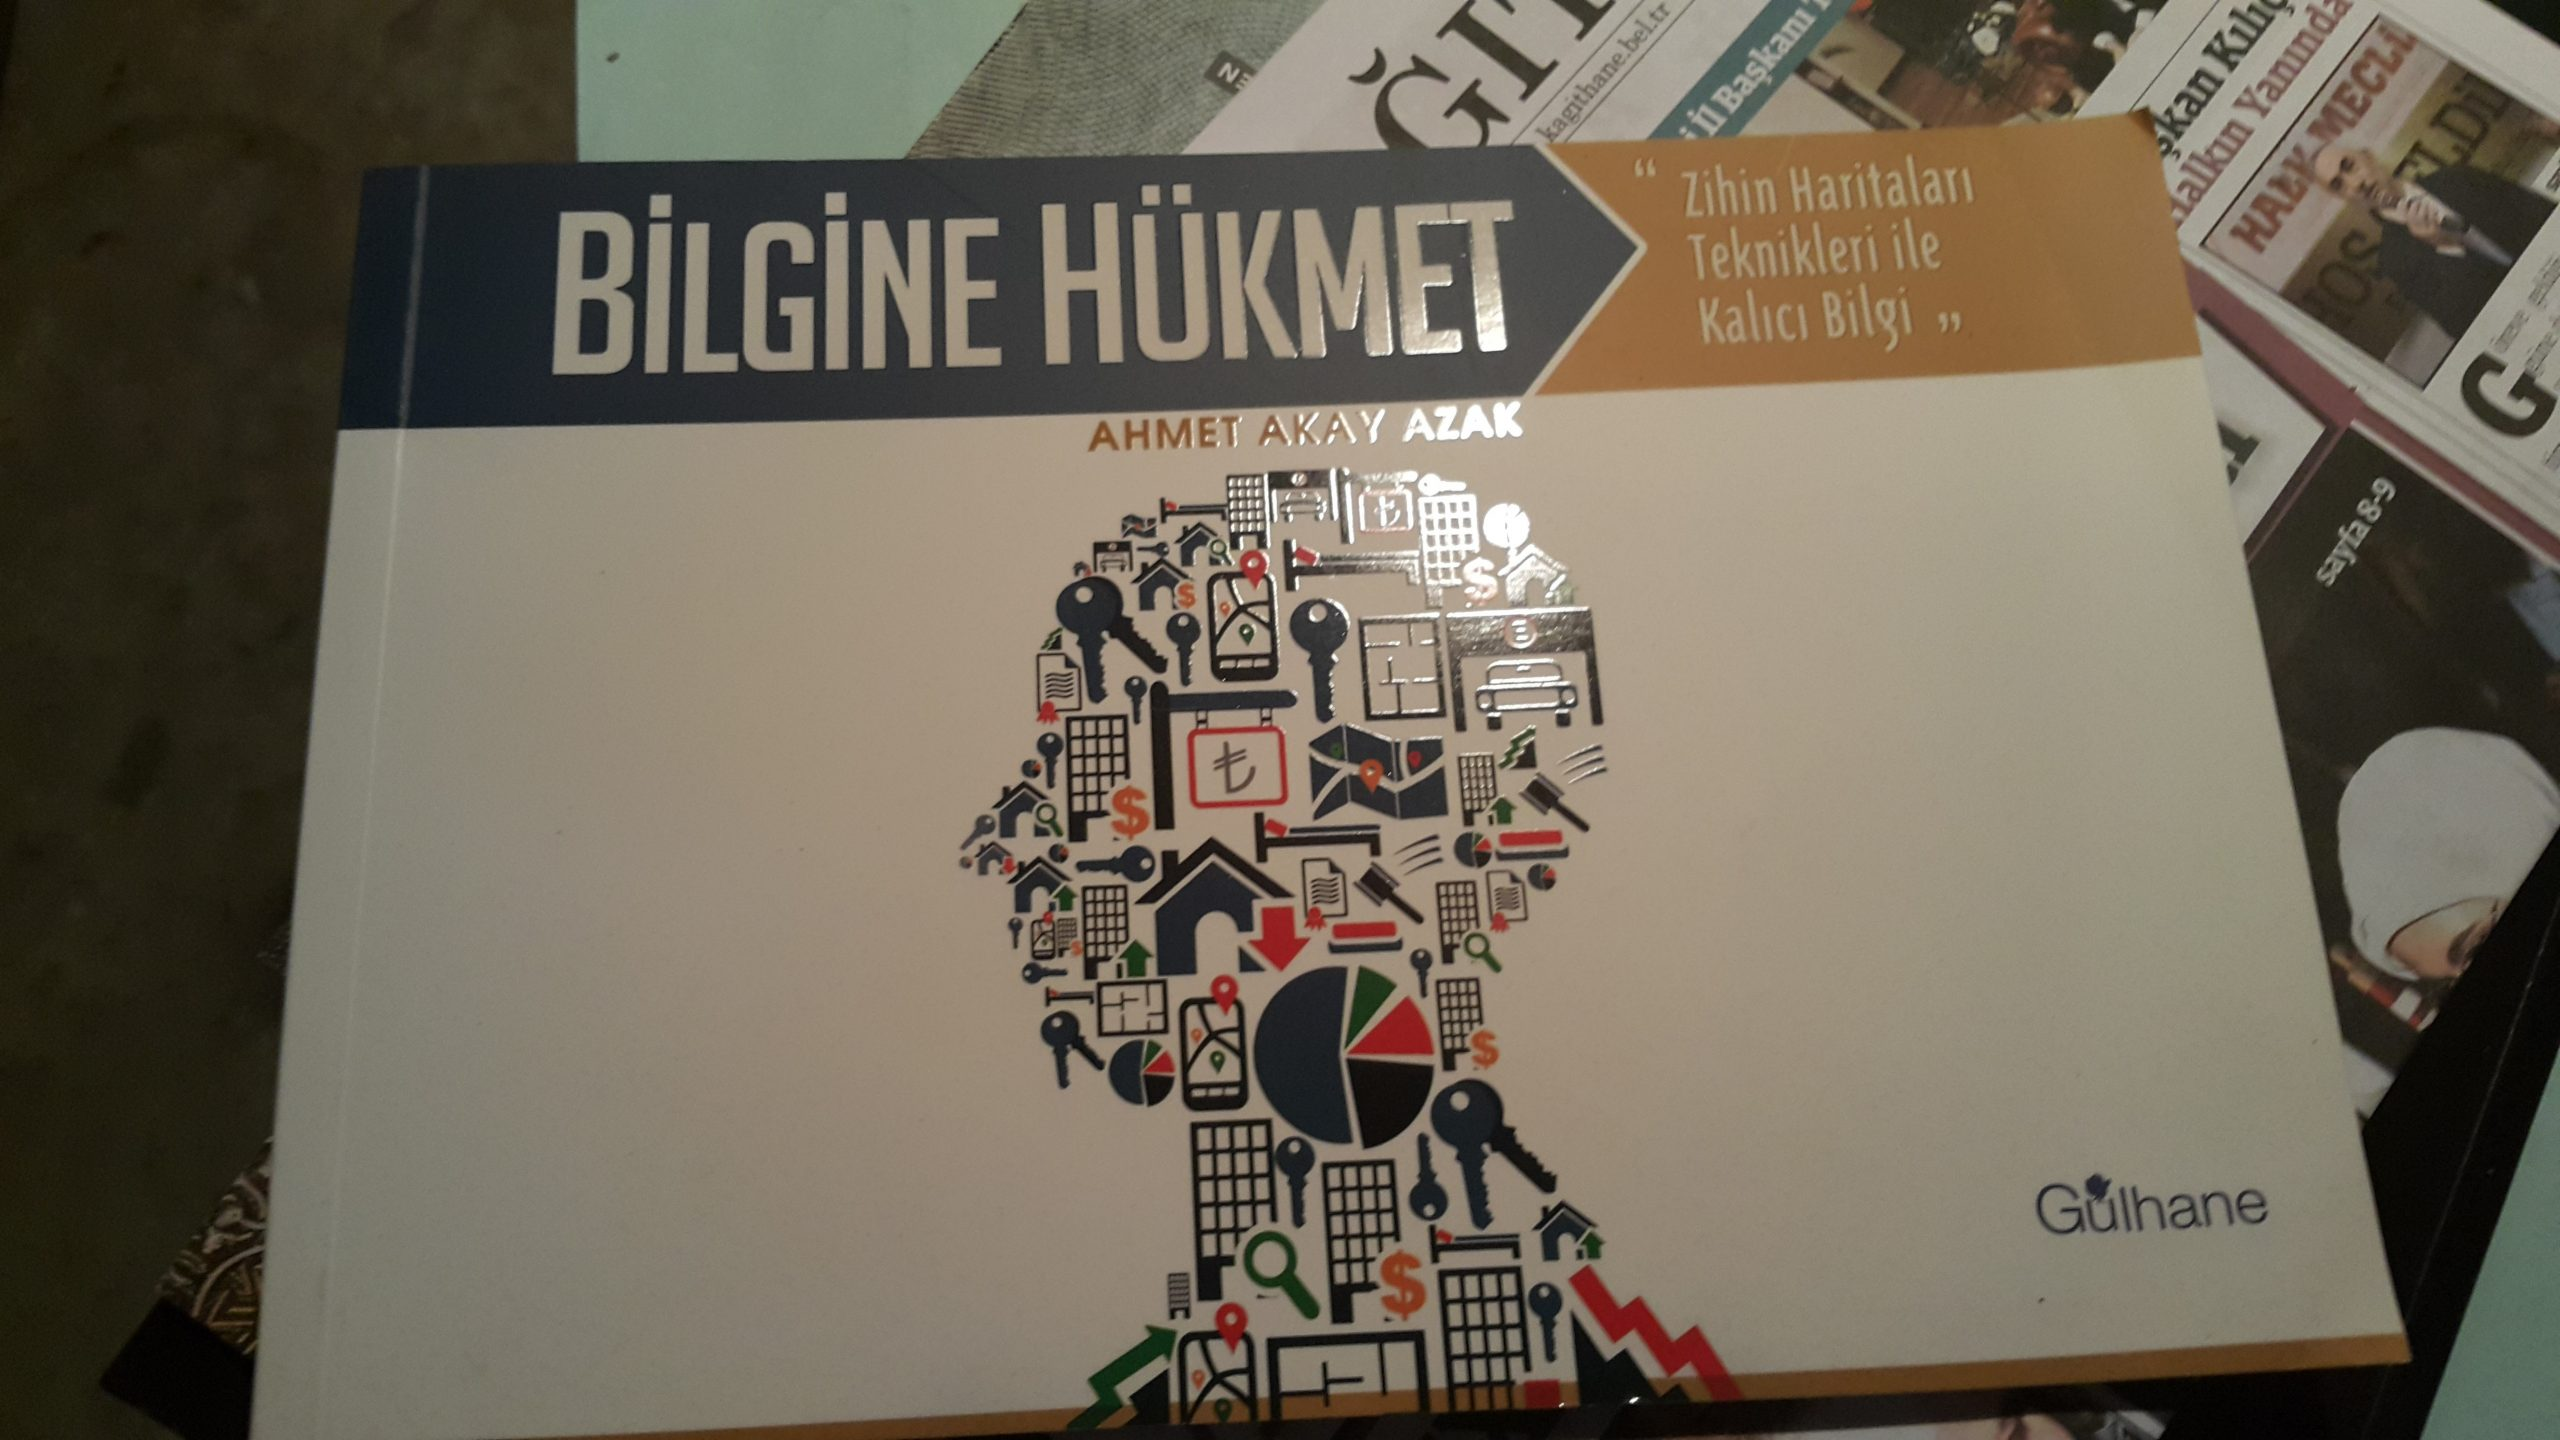 BİLGİNE HÜKMET/AHMET AKAY